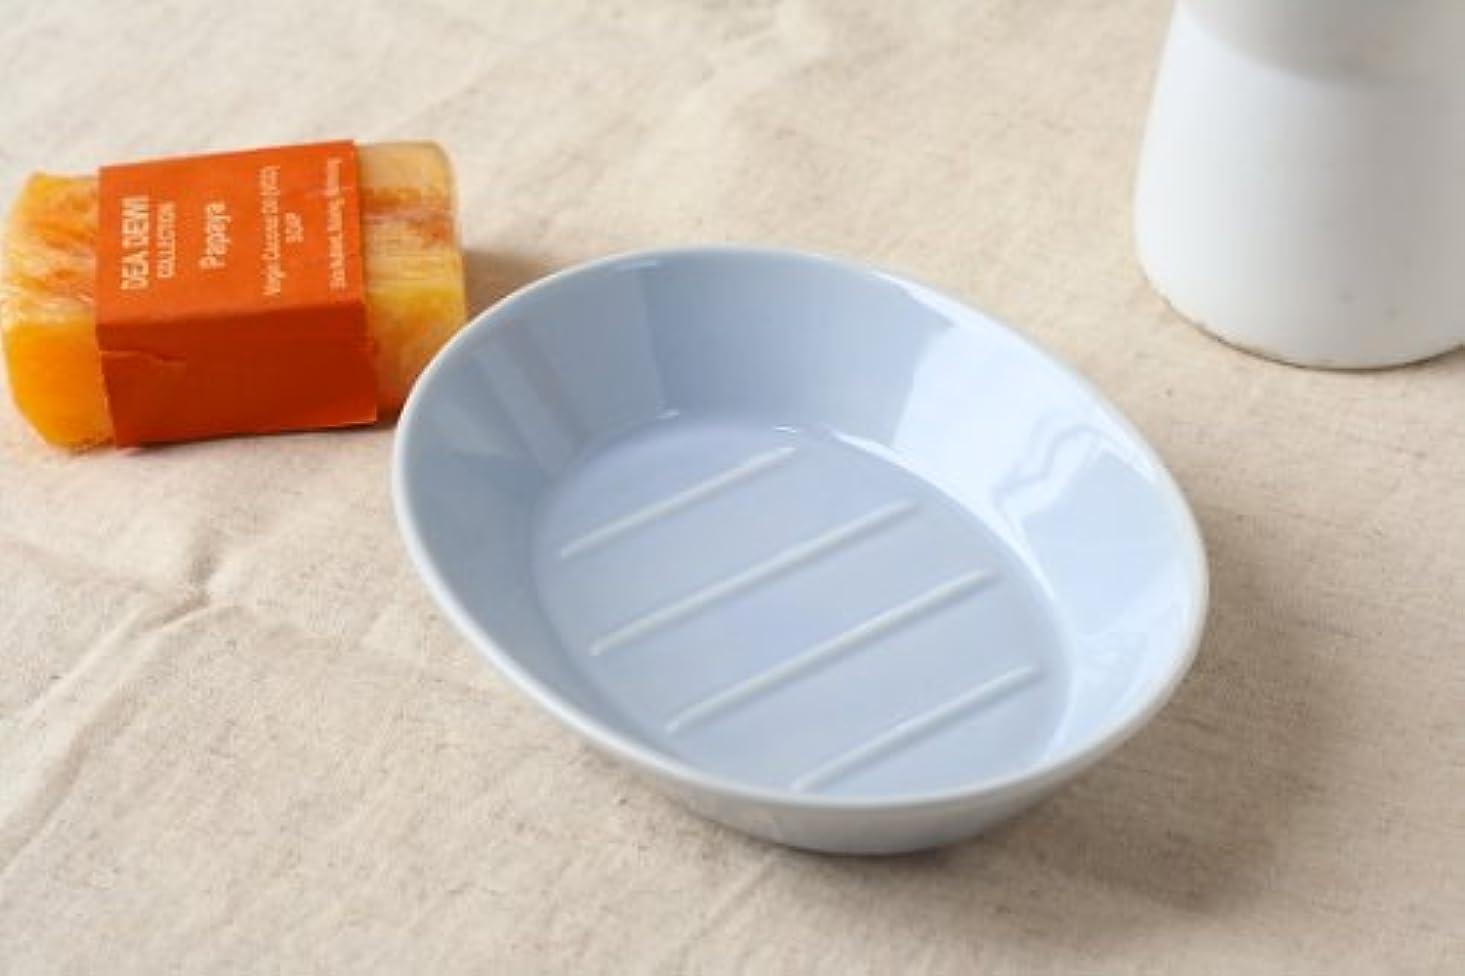 レモン悲しみ尽きる洗面に爽やかカラー?スカイブルーの石鹸置き〔一部アウトレット訳あり〕